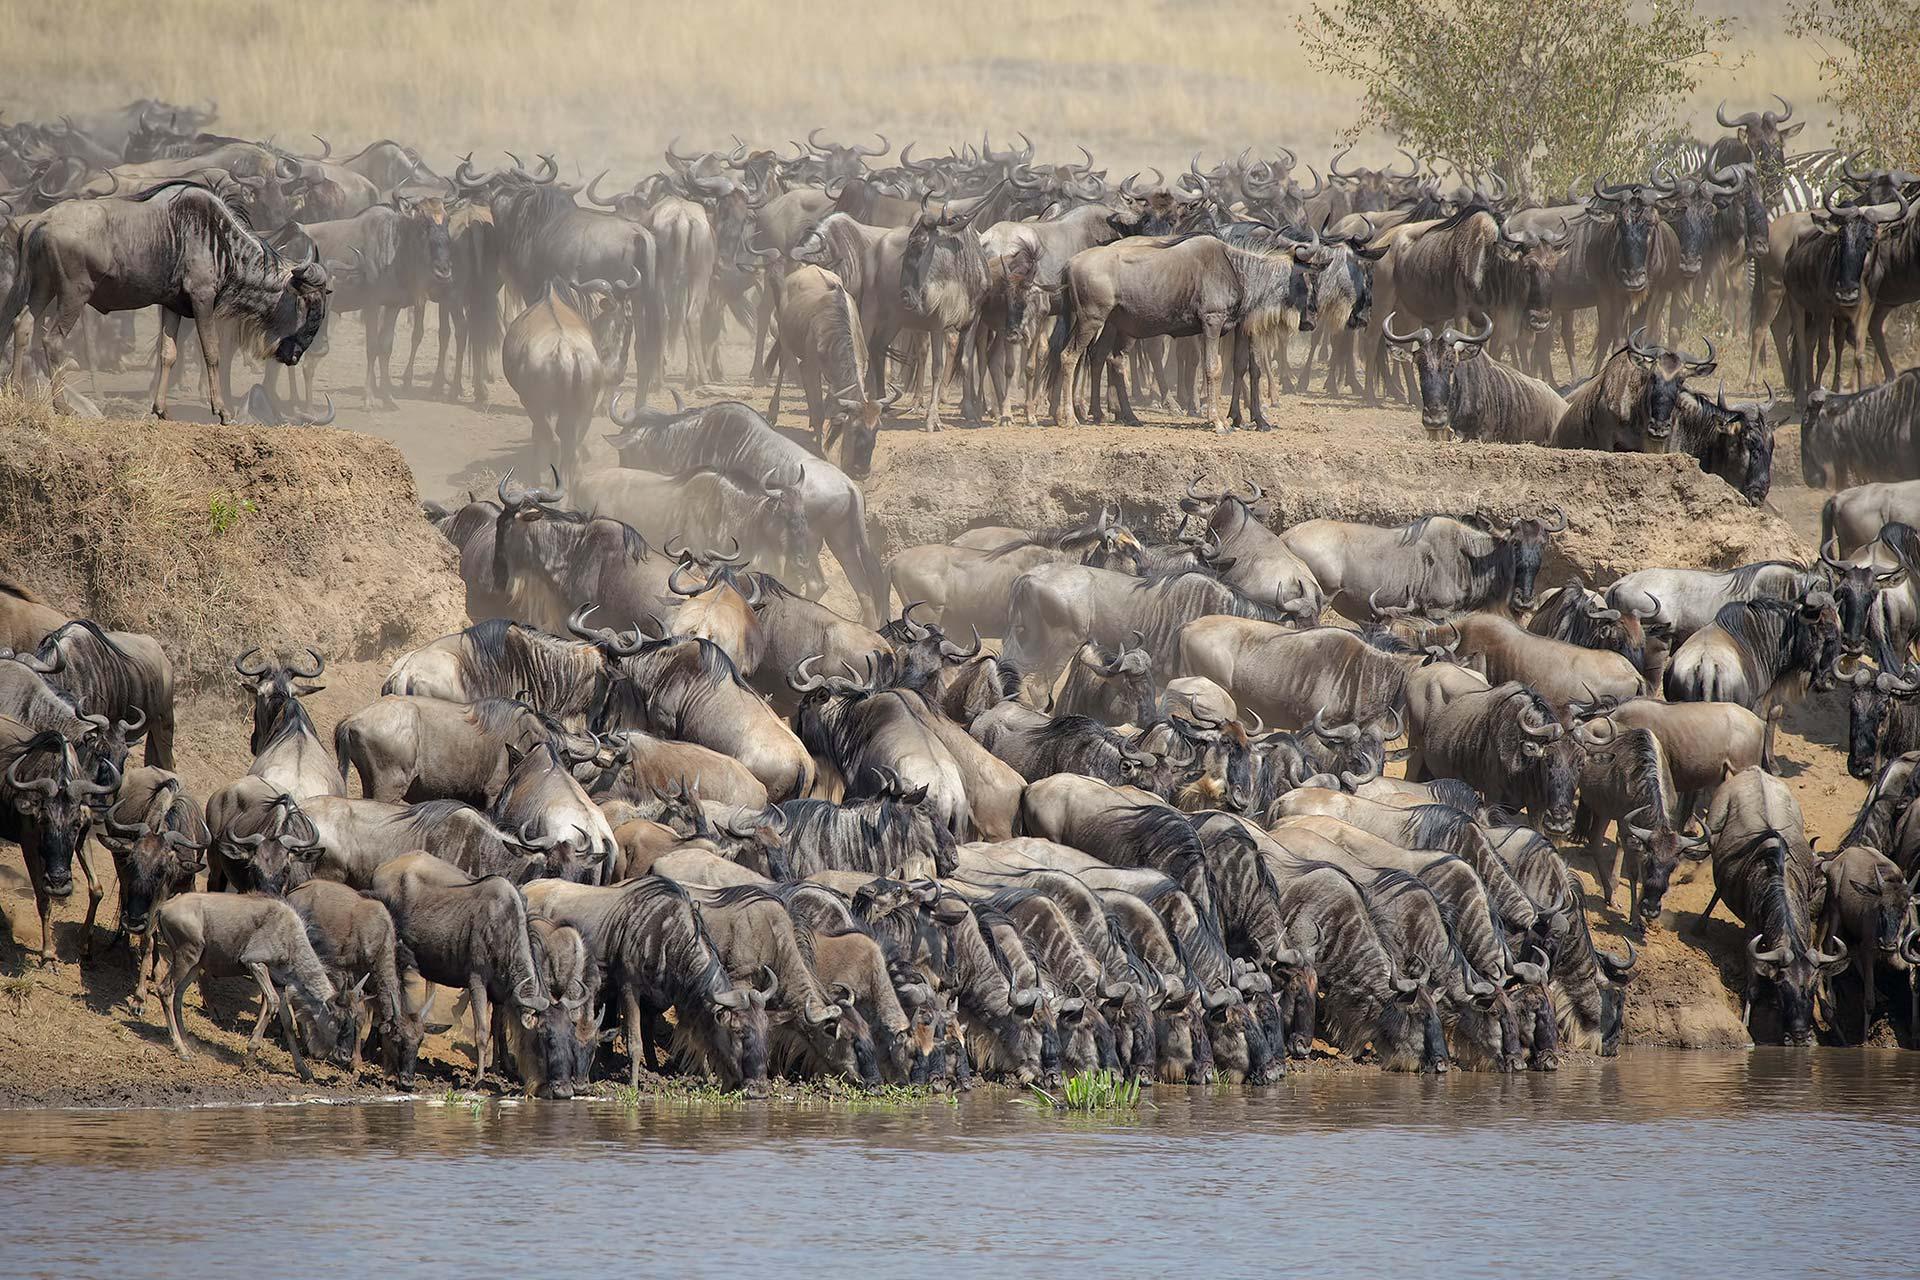 Best of East Africa Safari- Maasai Mara National Park- Great Migration Safaris - Scenic Trails Uganda Safaris